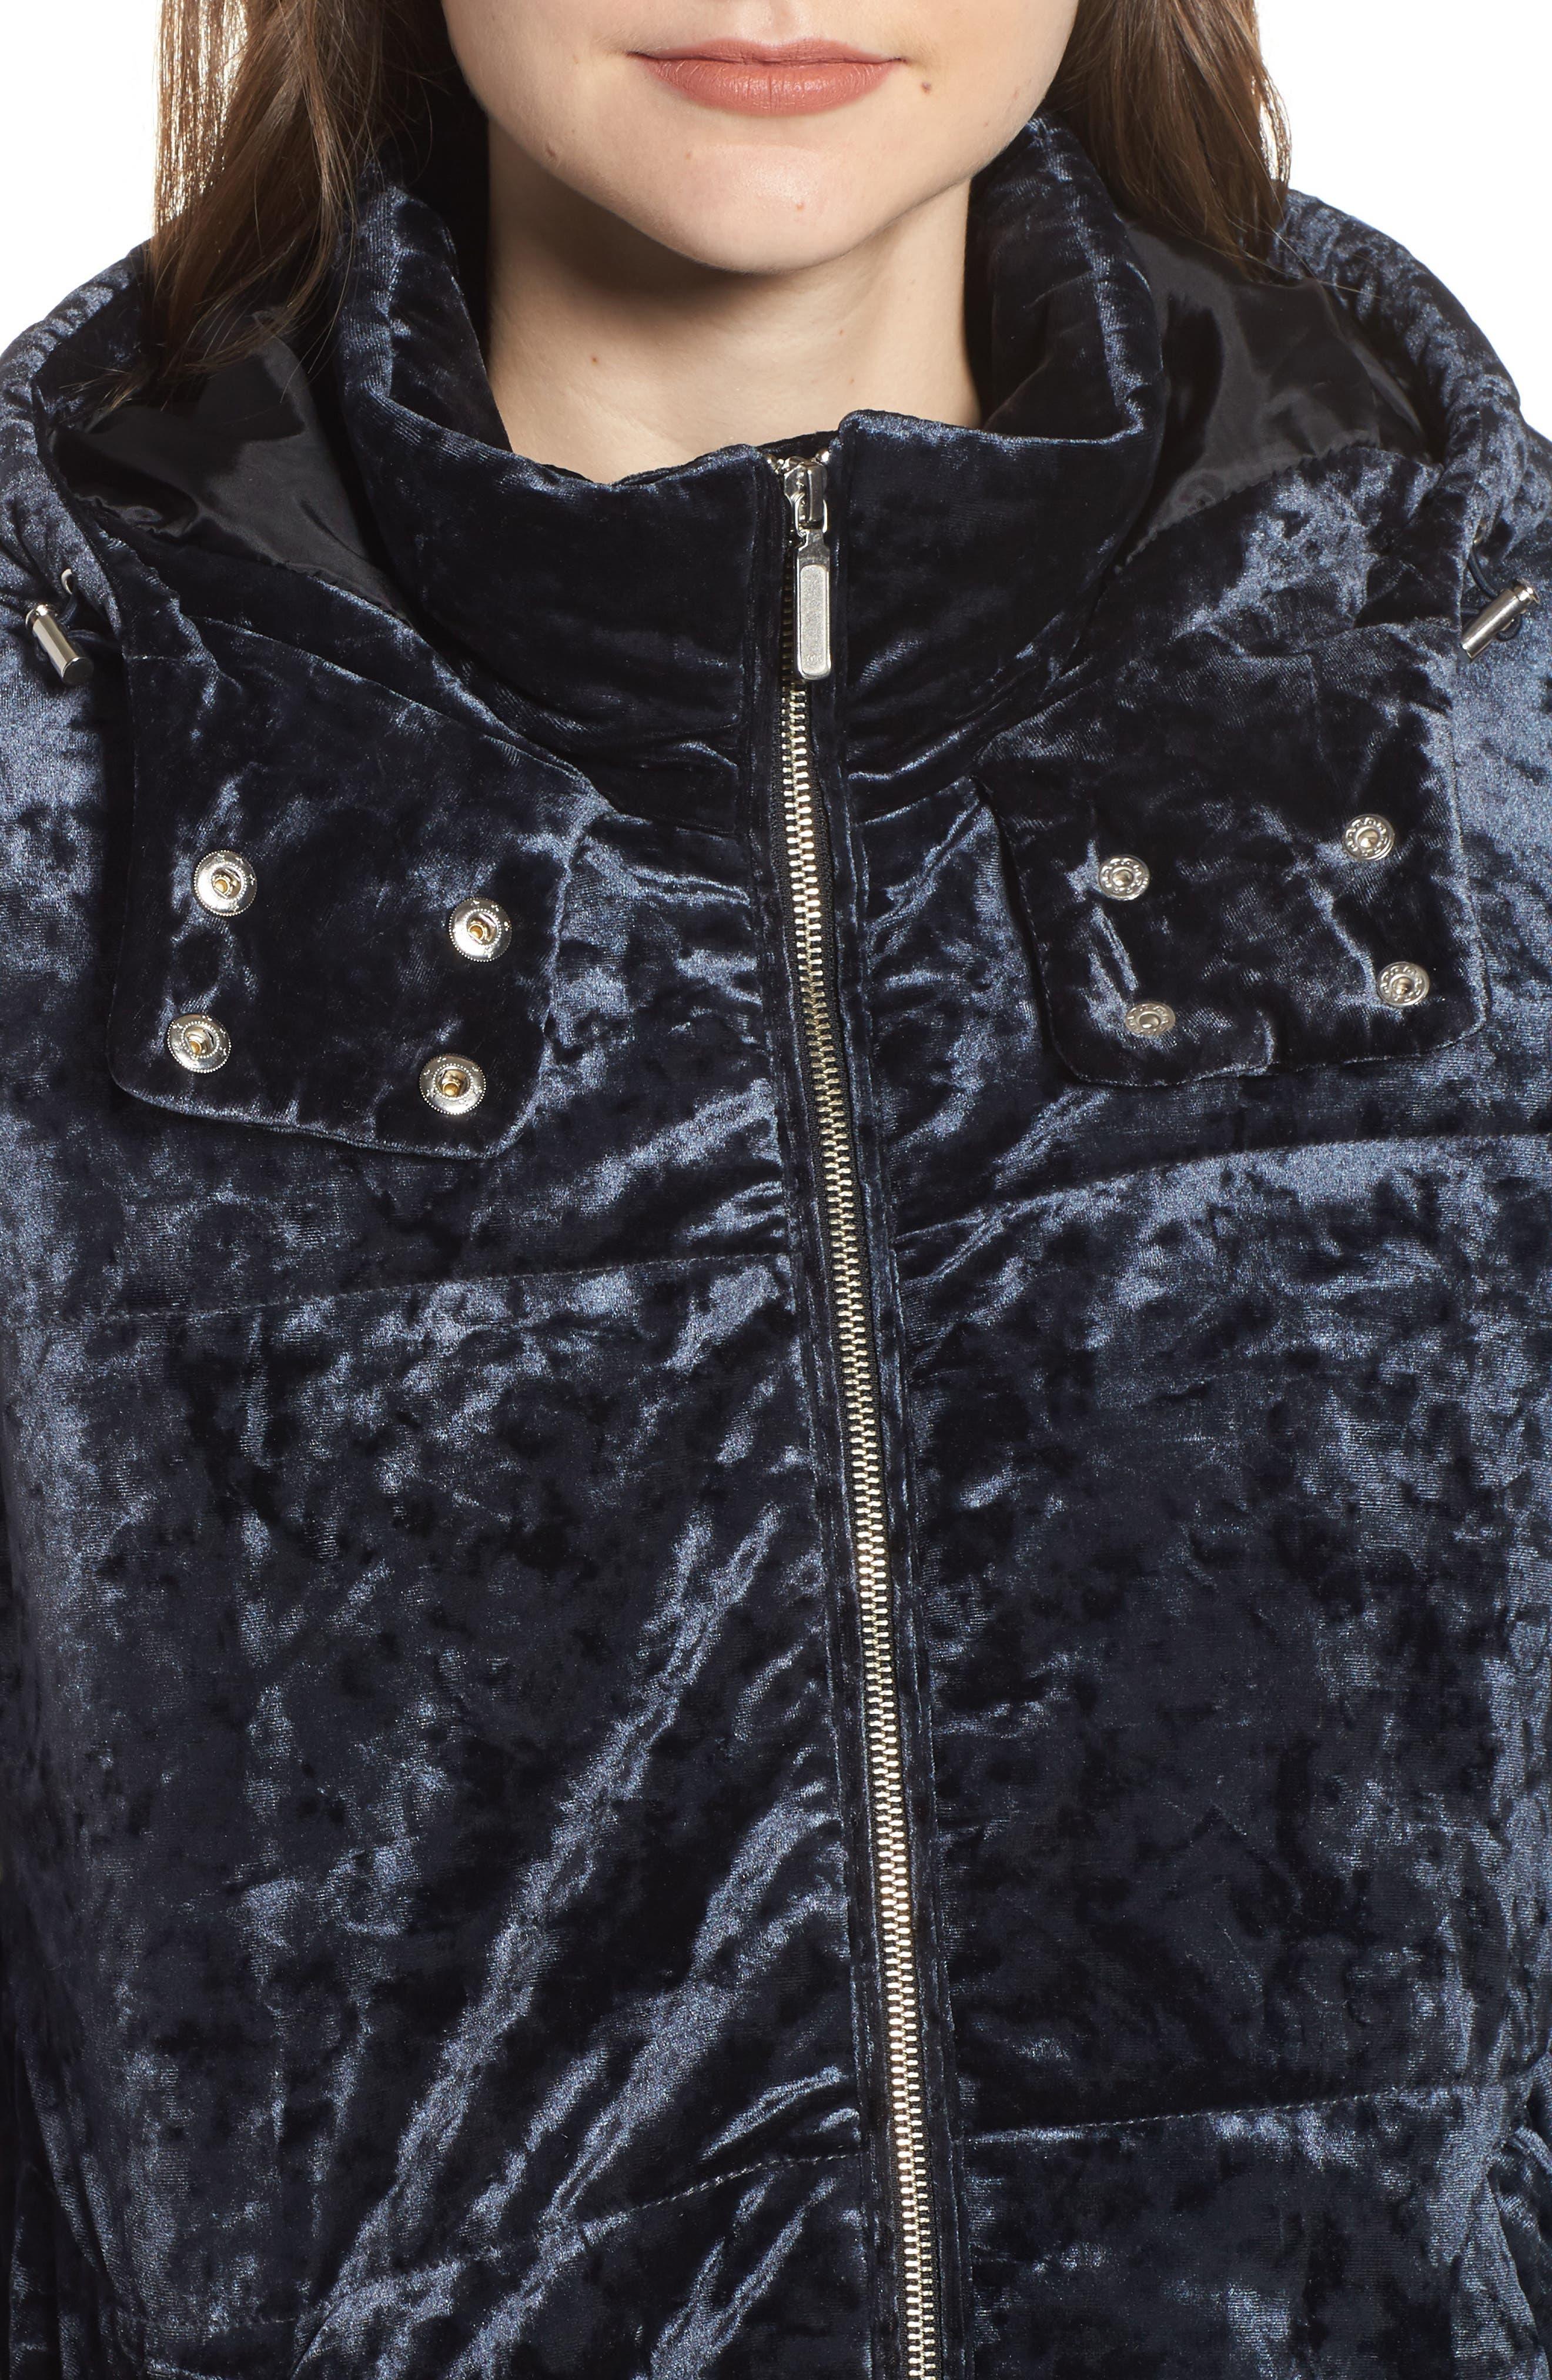 Velvet Hooded Puffer Jacket,                             Alternate thumbnail 4, color,                             Navy Medieval